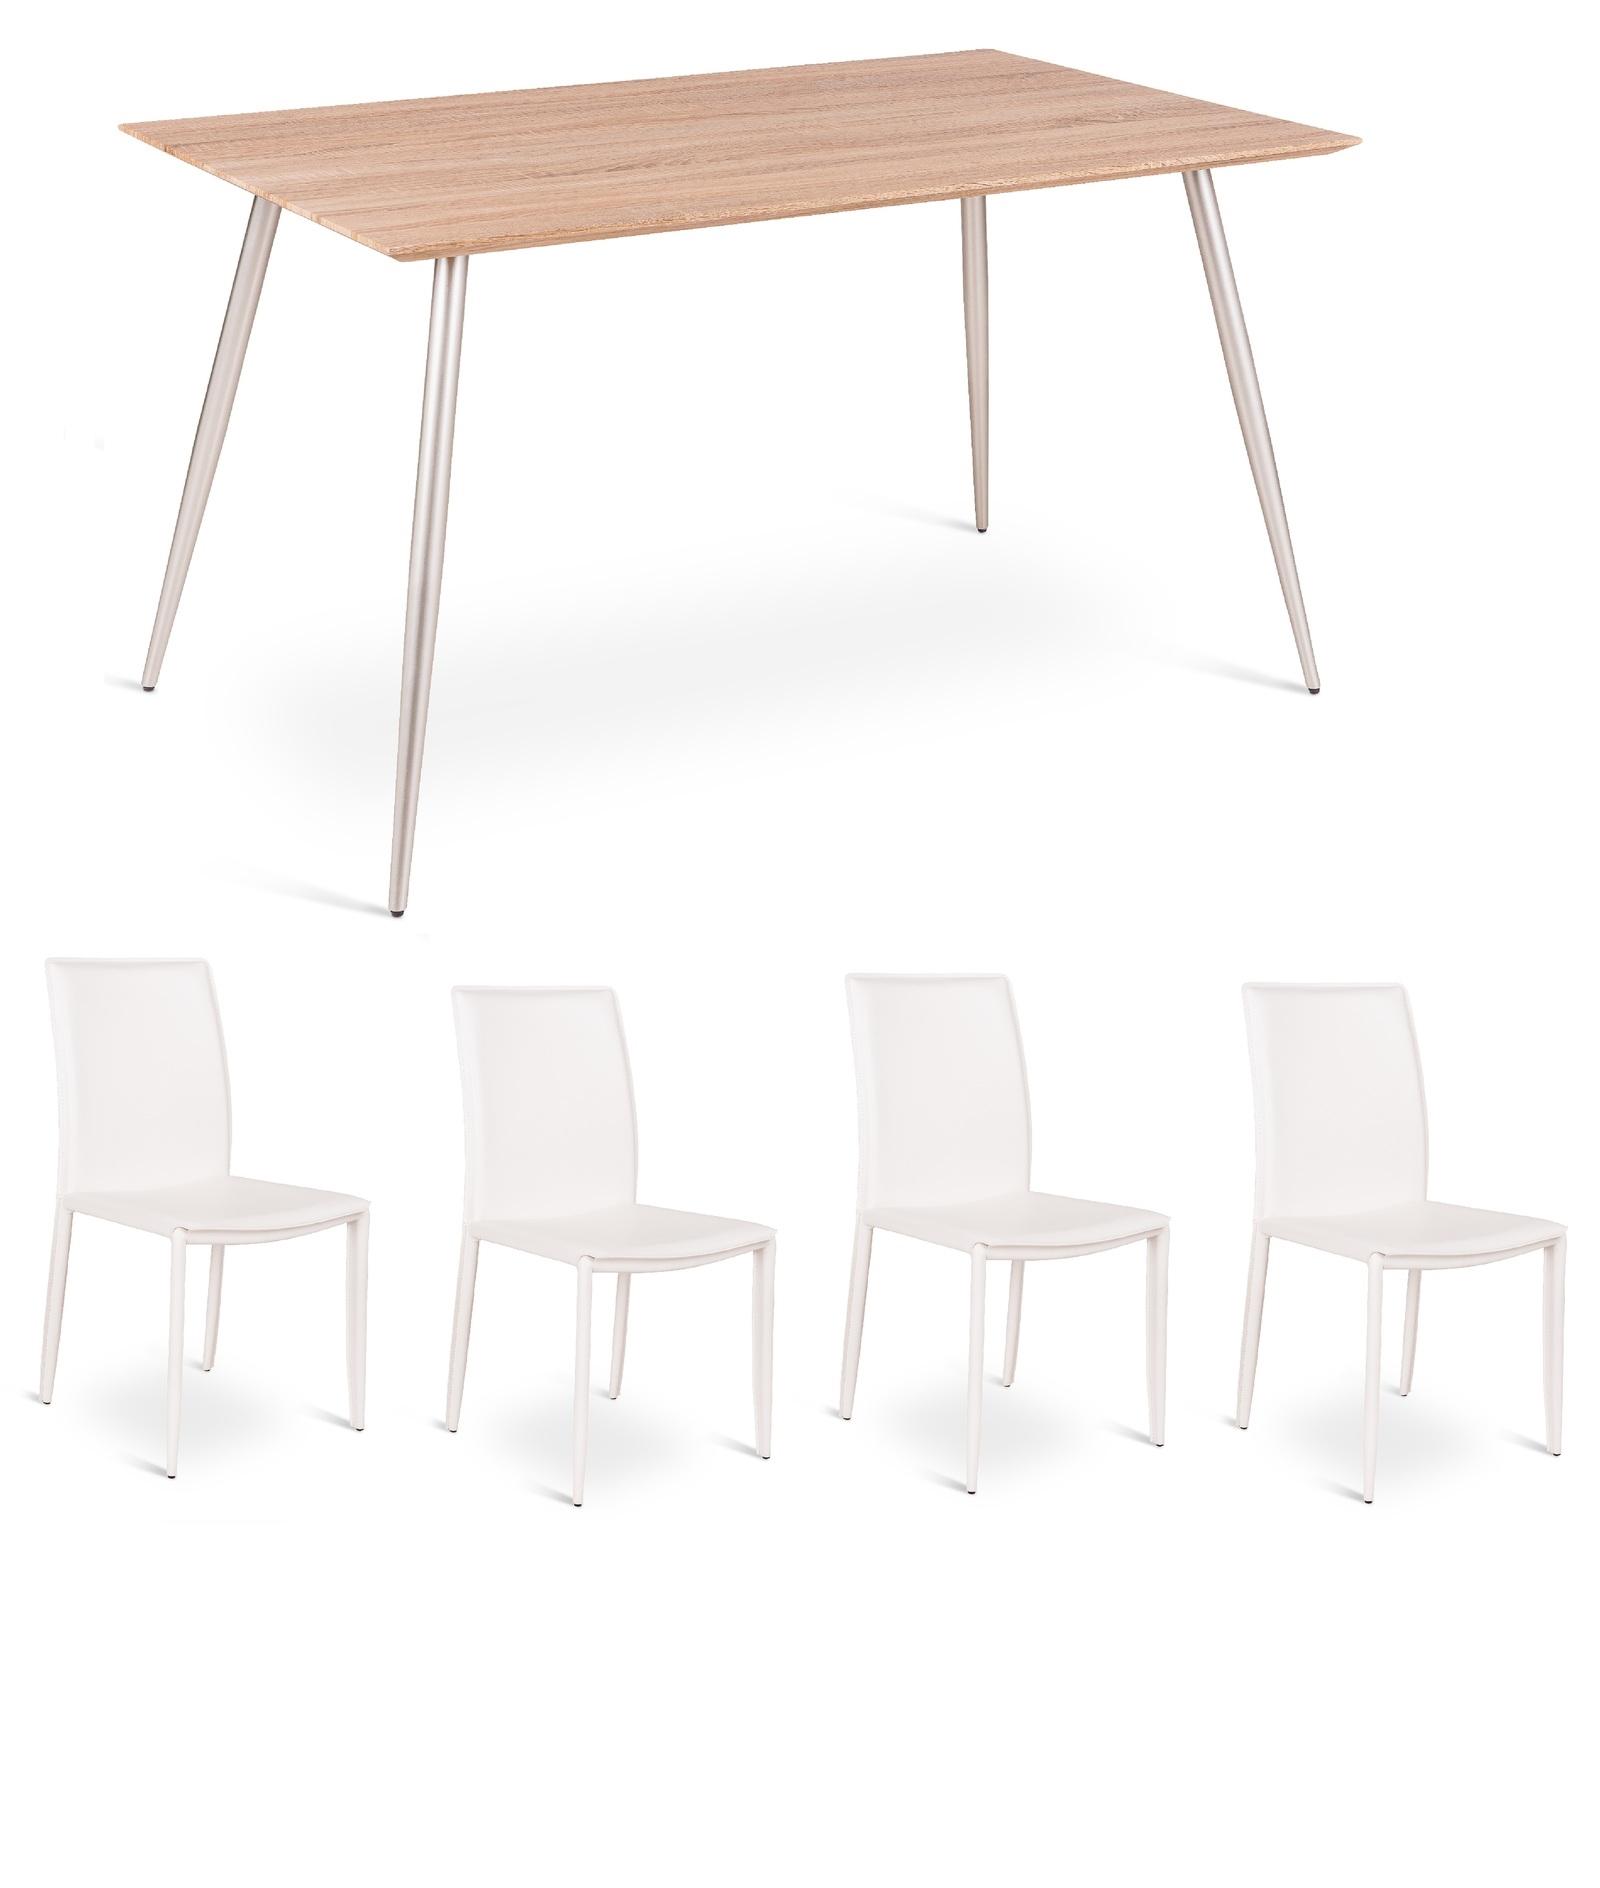 Tavoli scontati stunning tavoli per soggiorno moderni for Sedie scontate